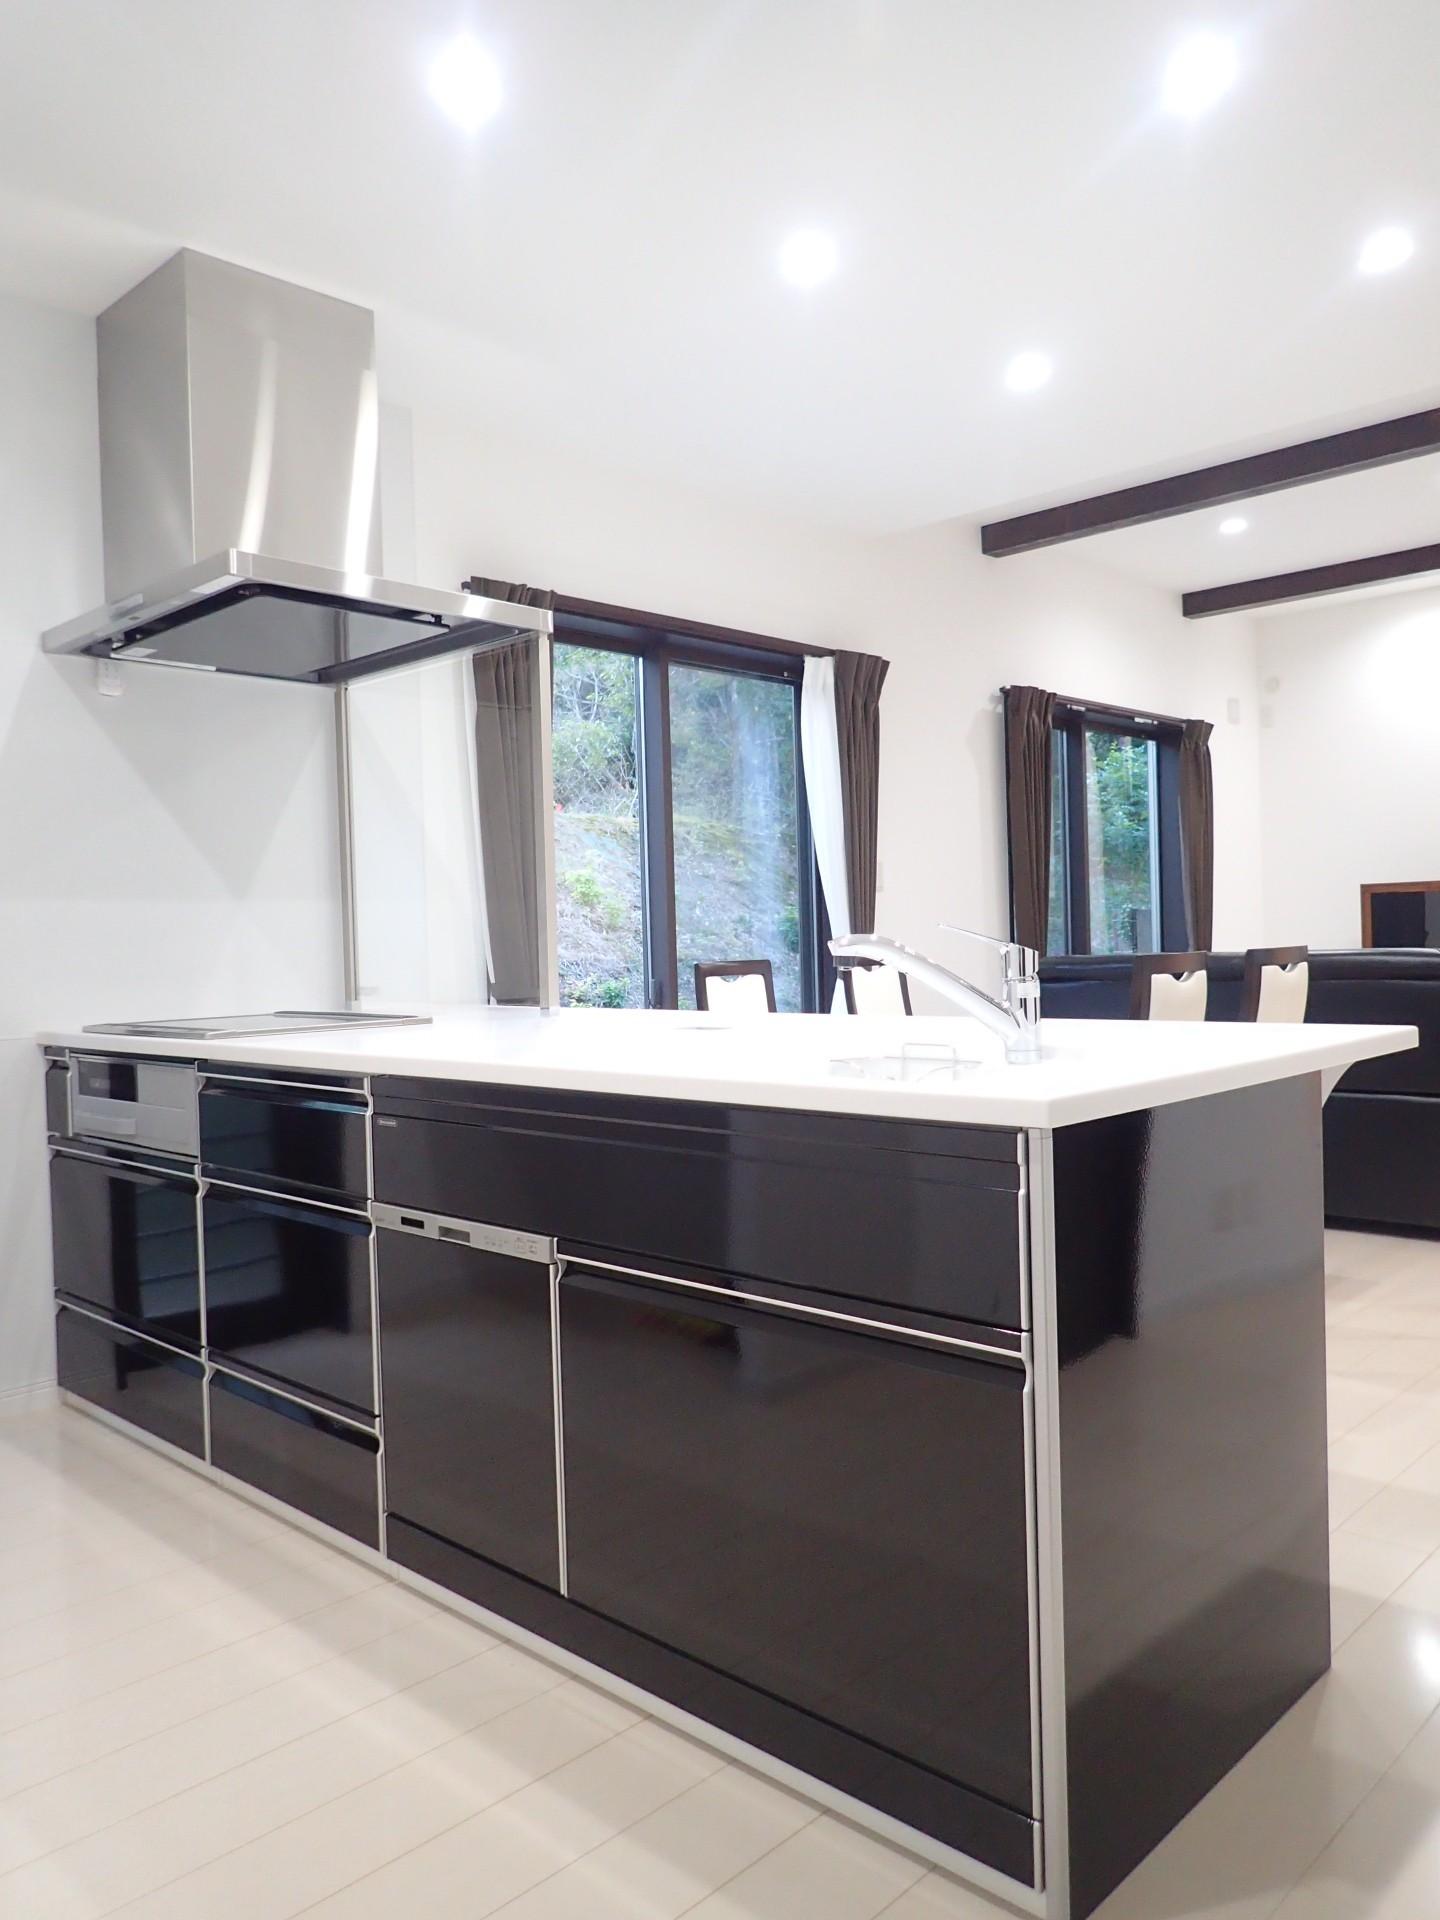 キッチン事例:キッチン(白と黒を基調としたシンプルモダンな家)